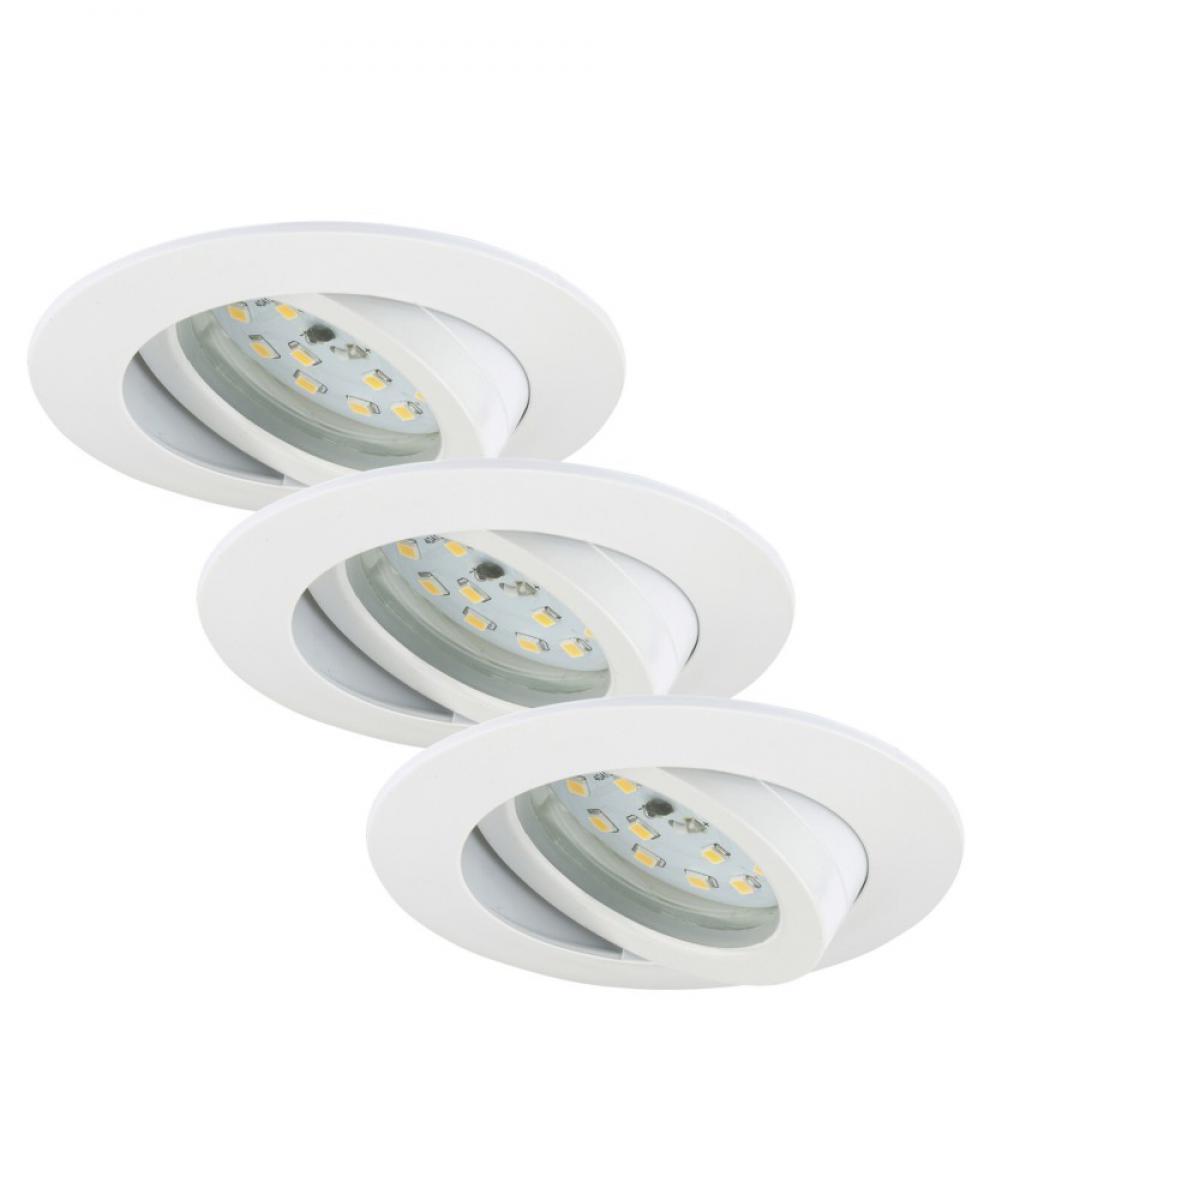 Briloner Leuchten Set 3 Spot Encastrables LED Orientable BRILONER Module 5,5W 470lm dimmable Ip23 Blanc